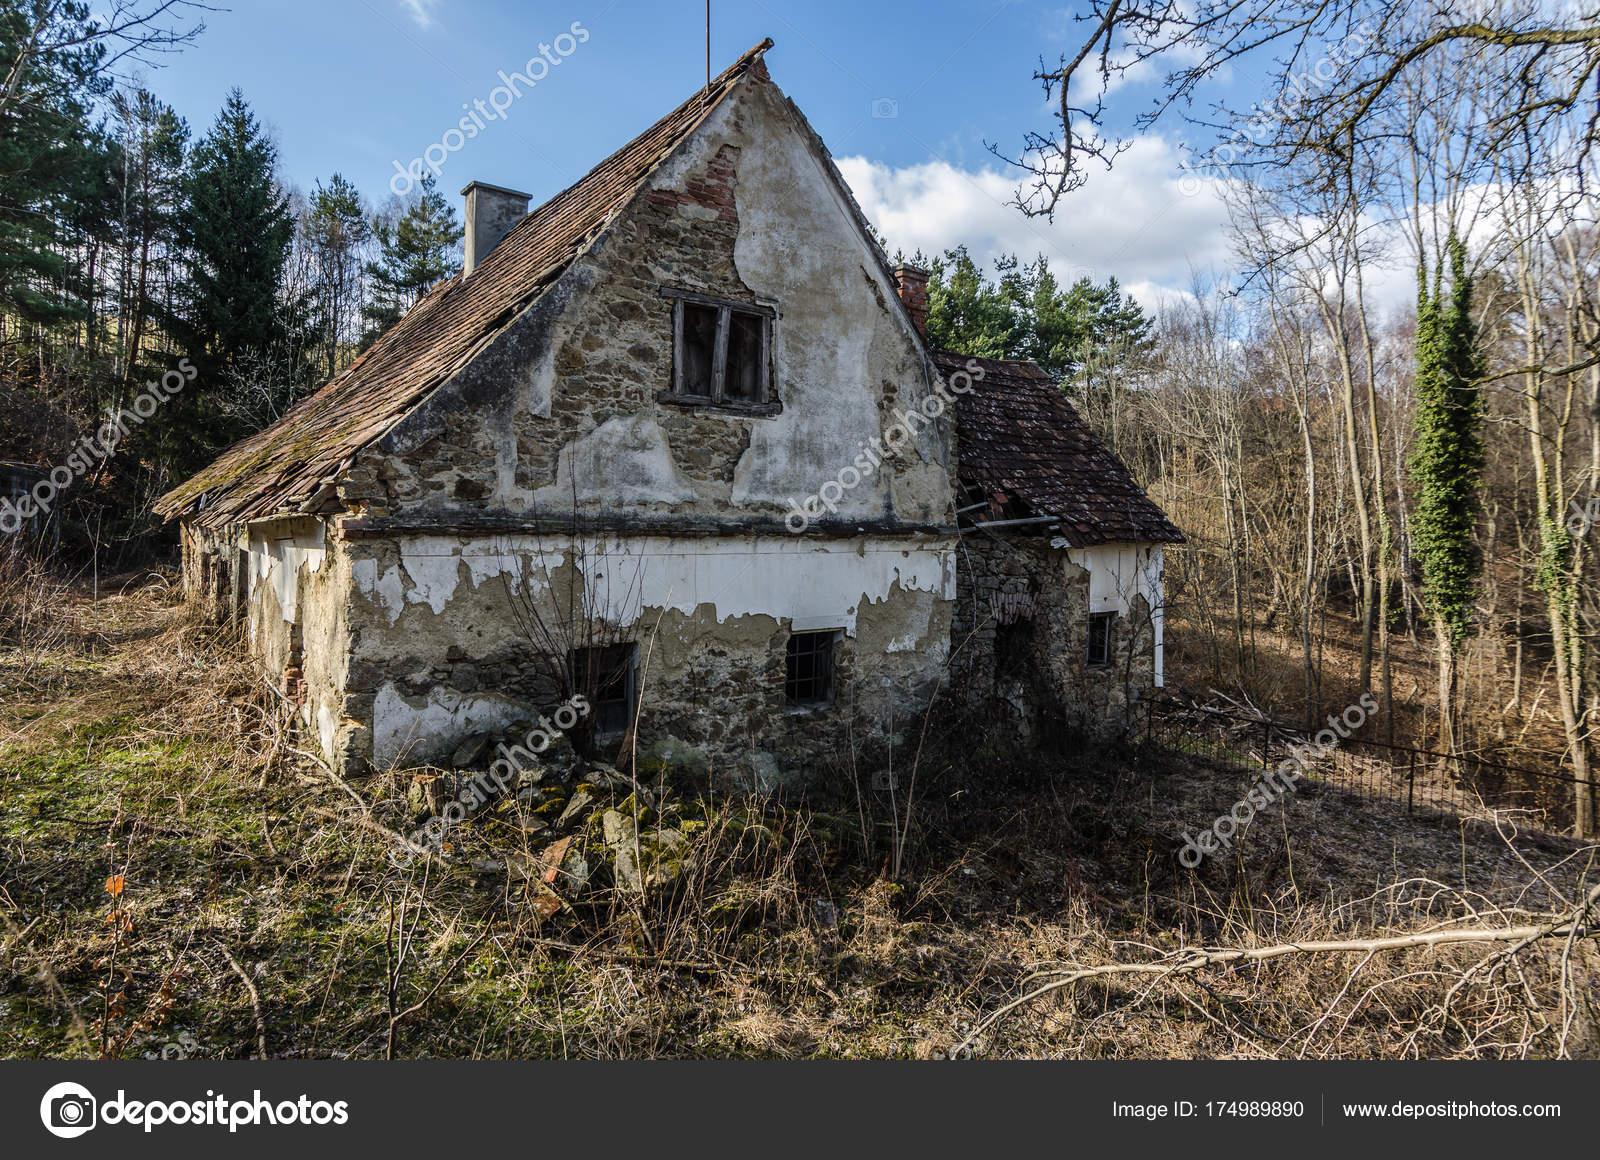 Antica casa colonica nella foresta foto stock for Disegni casa colonica